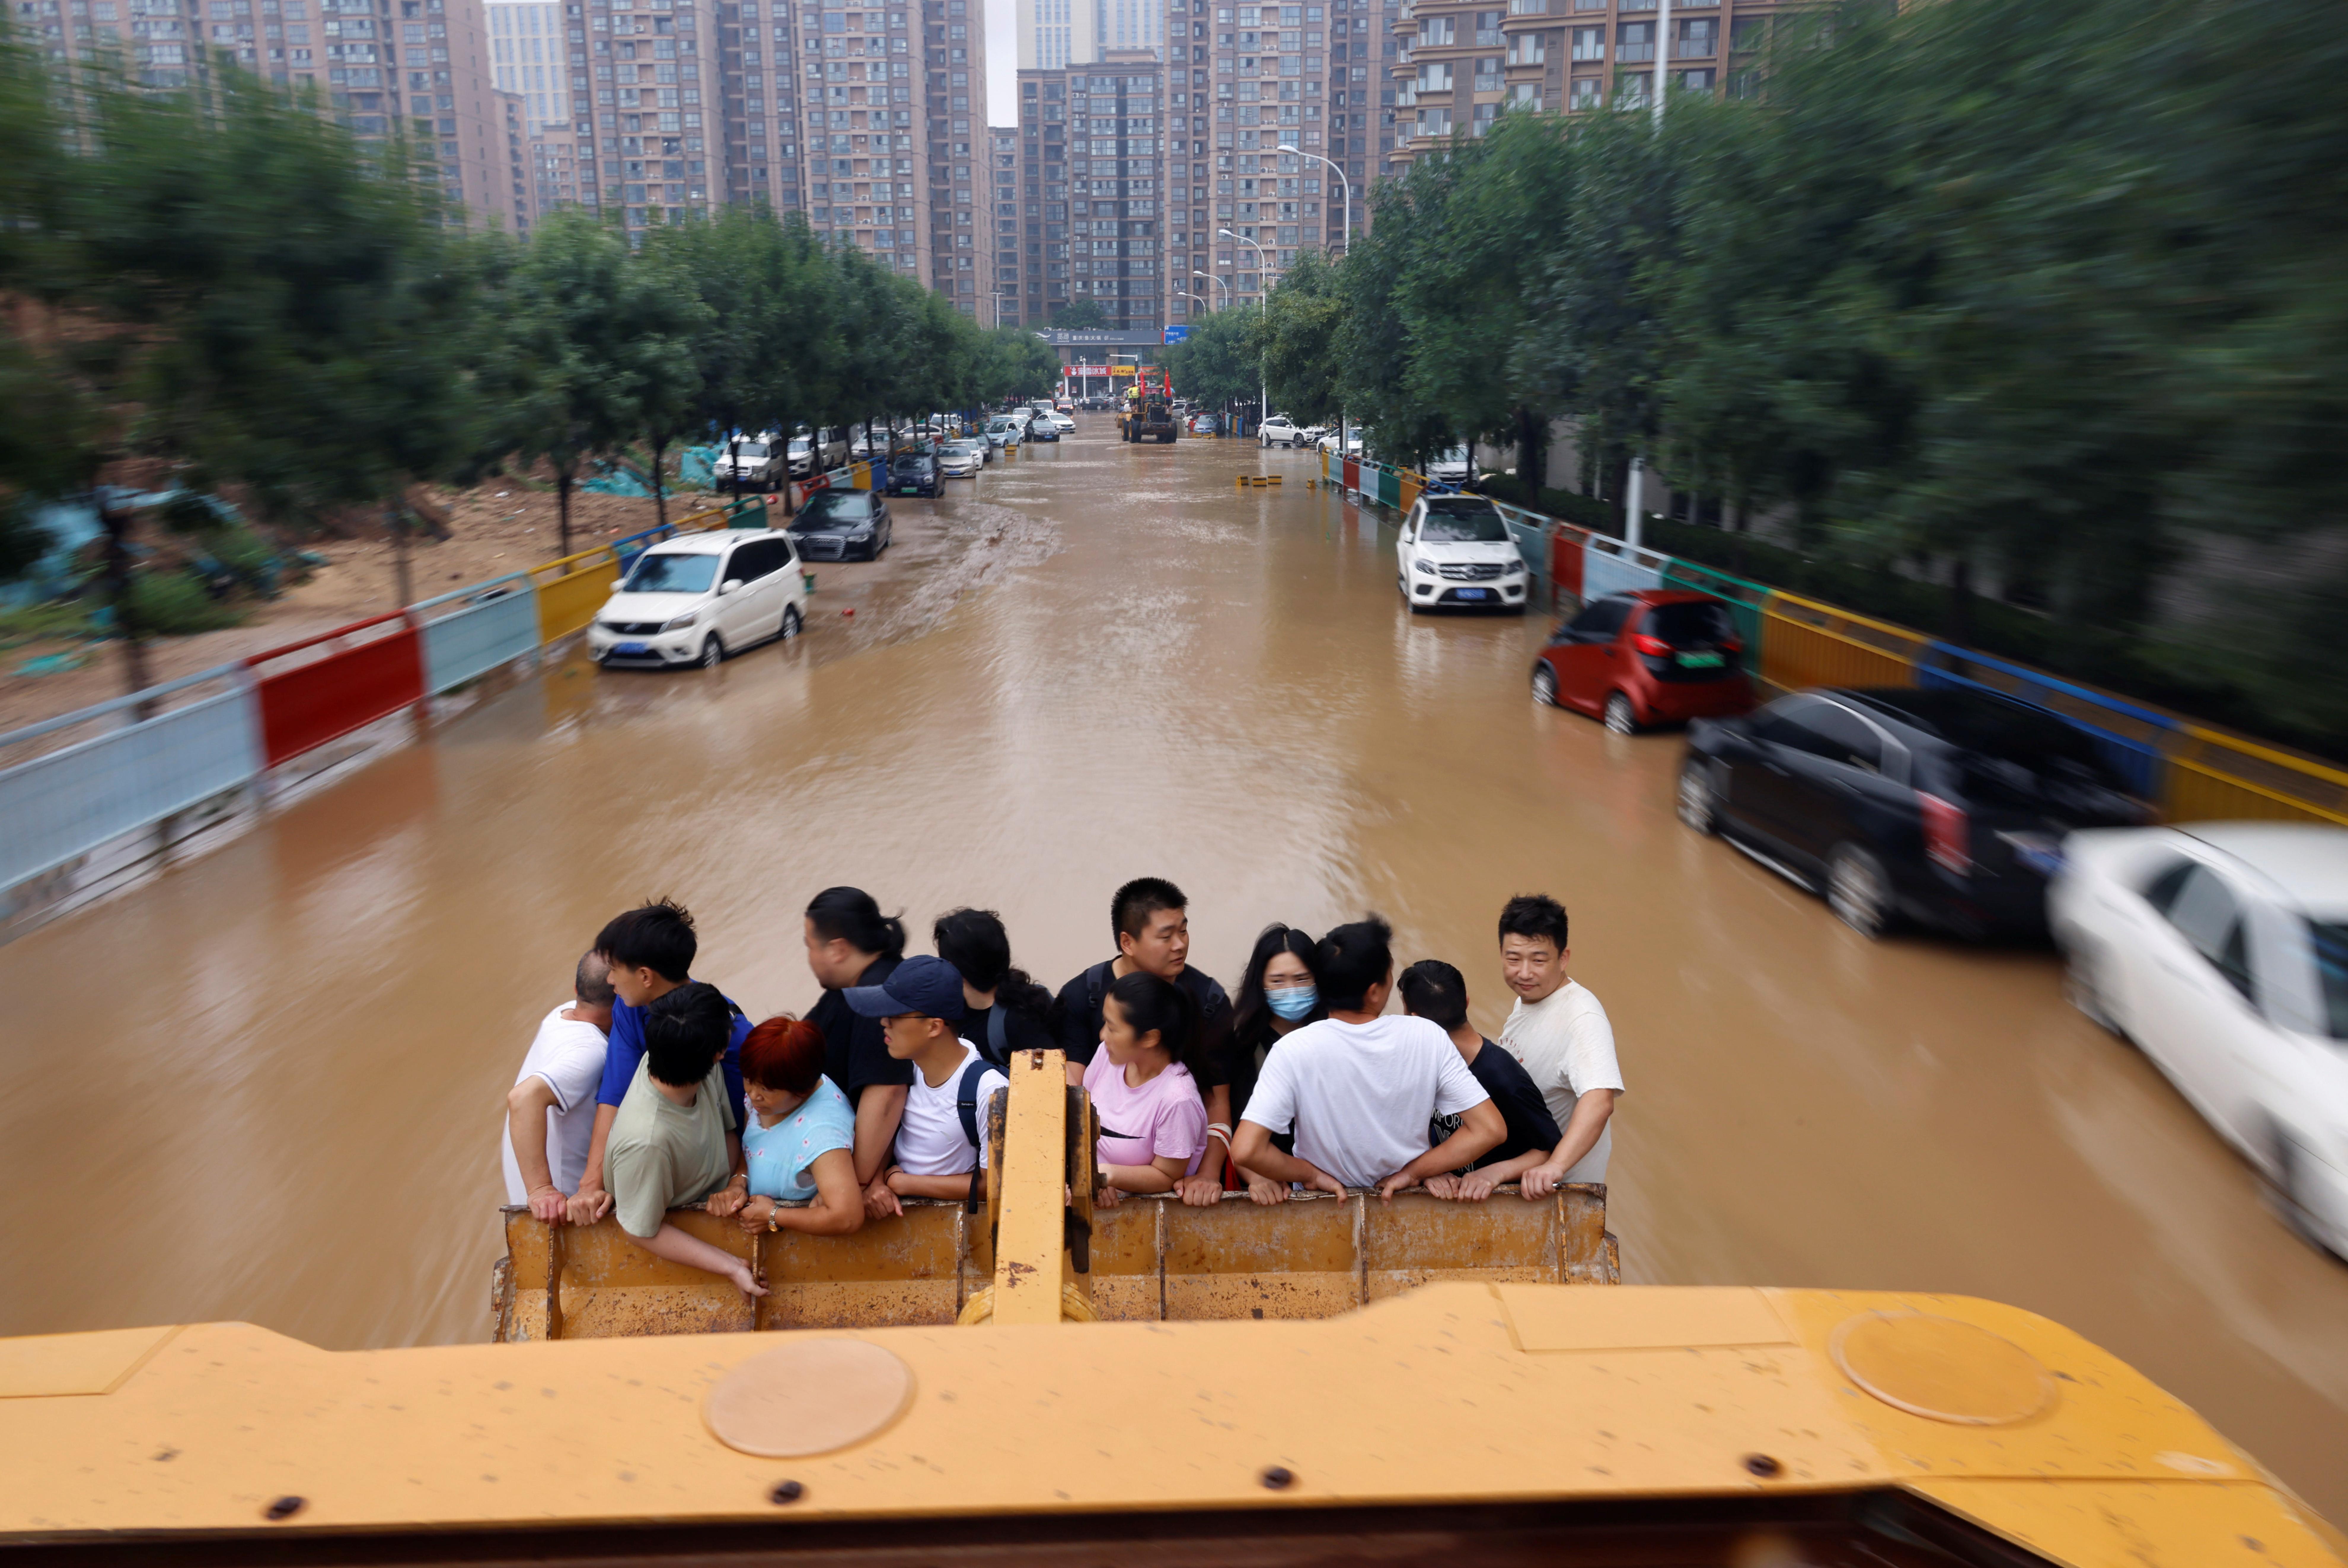 Mọi người đi xe tải phía trước khi họ băng qua một con đường ngập lụt sau trận mưa lớn ở Trịnh Châu, tỉnh Hà Nam, Trung Quốc ngày 23 tháng 7 năm 2021. REUTERS / Aly Song